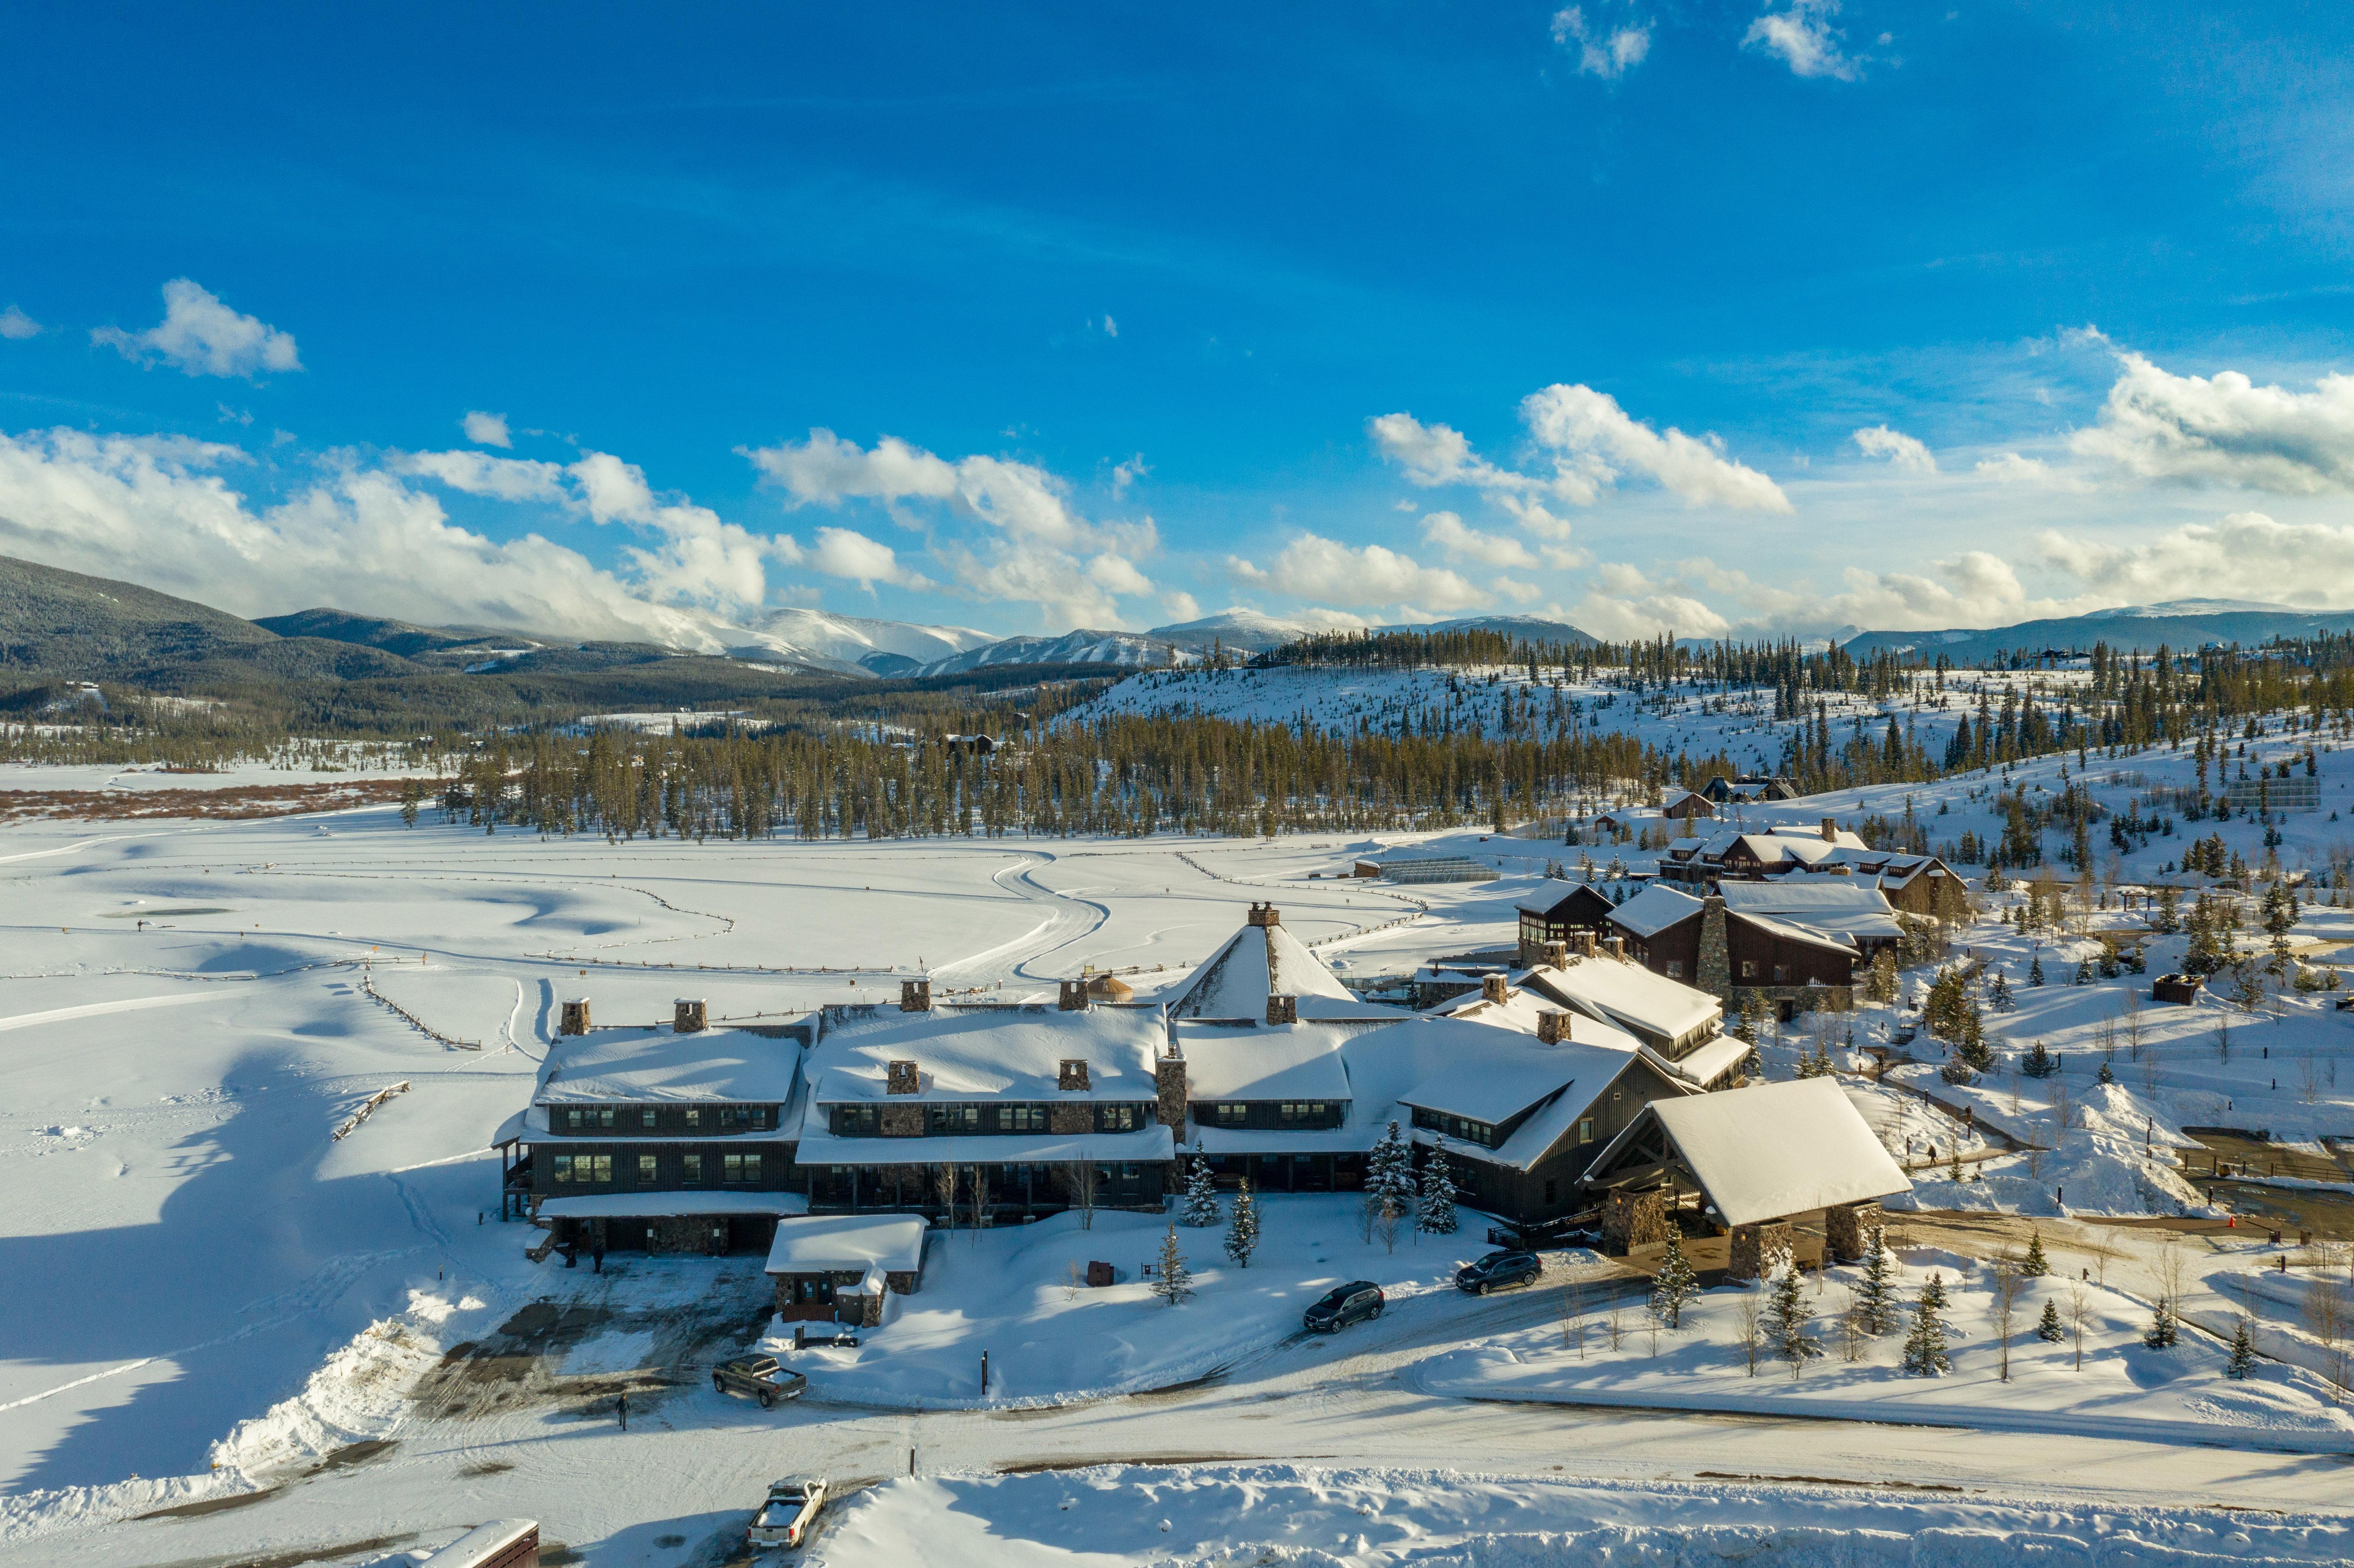 Colorado Mountain Resort